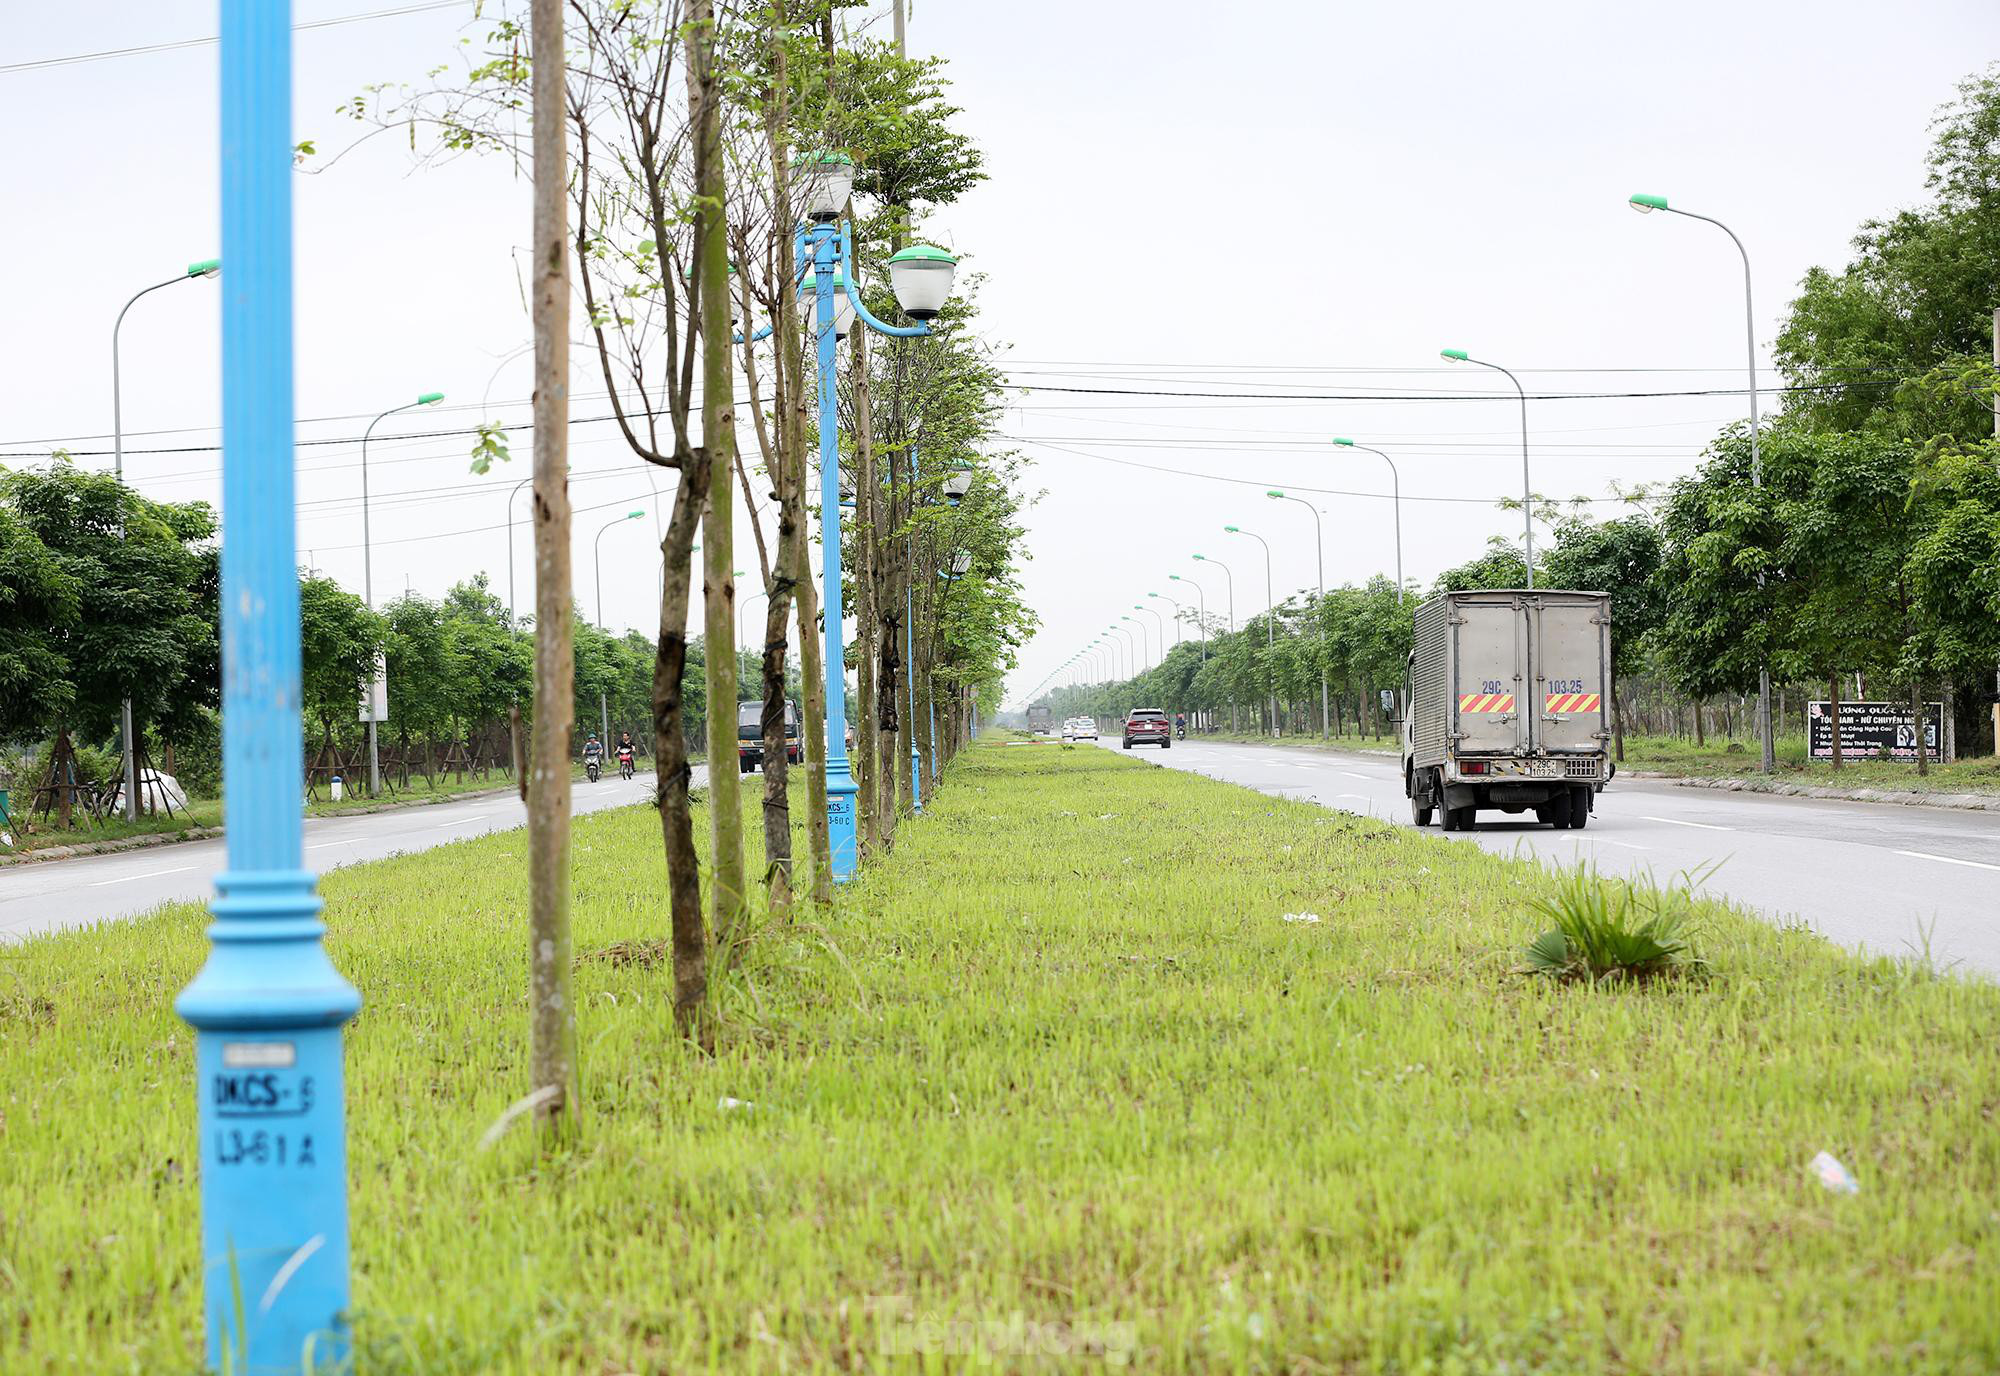 Tuyến đường 2.300 tỷ dài 15 km nối Hà Nội với Vĩnh Phúc hoạt động ra sao? - Ảnh 2.